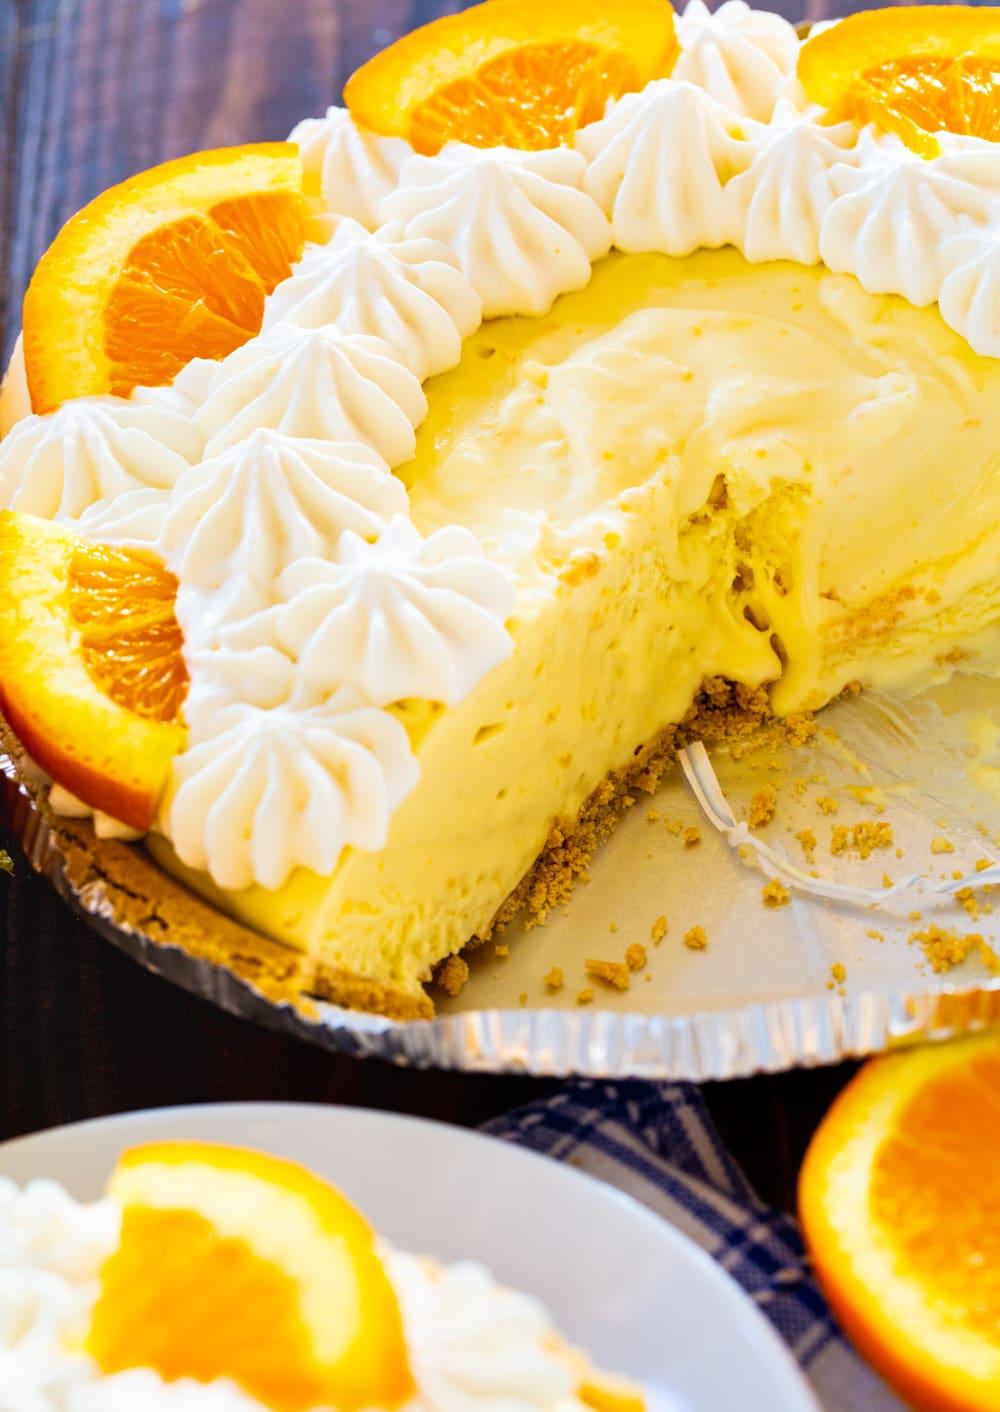 Orange Creamsicle Pie in pie pan.